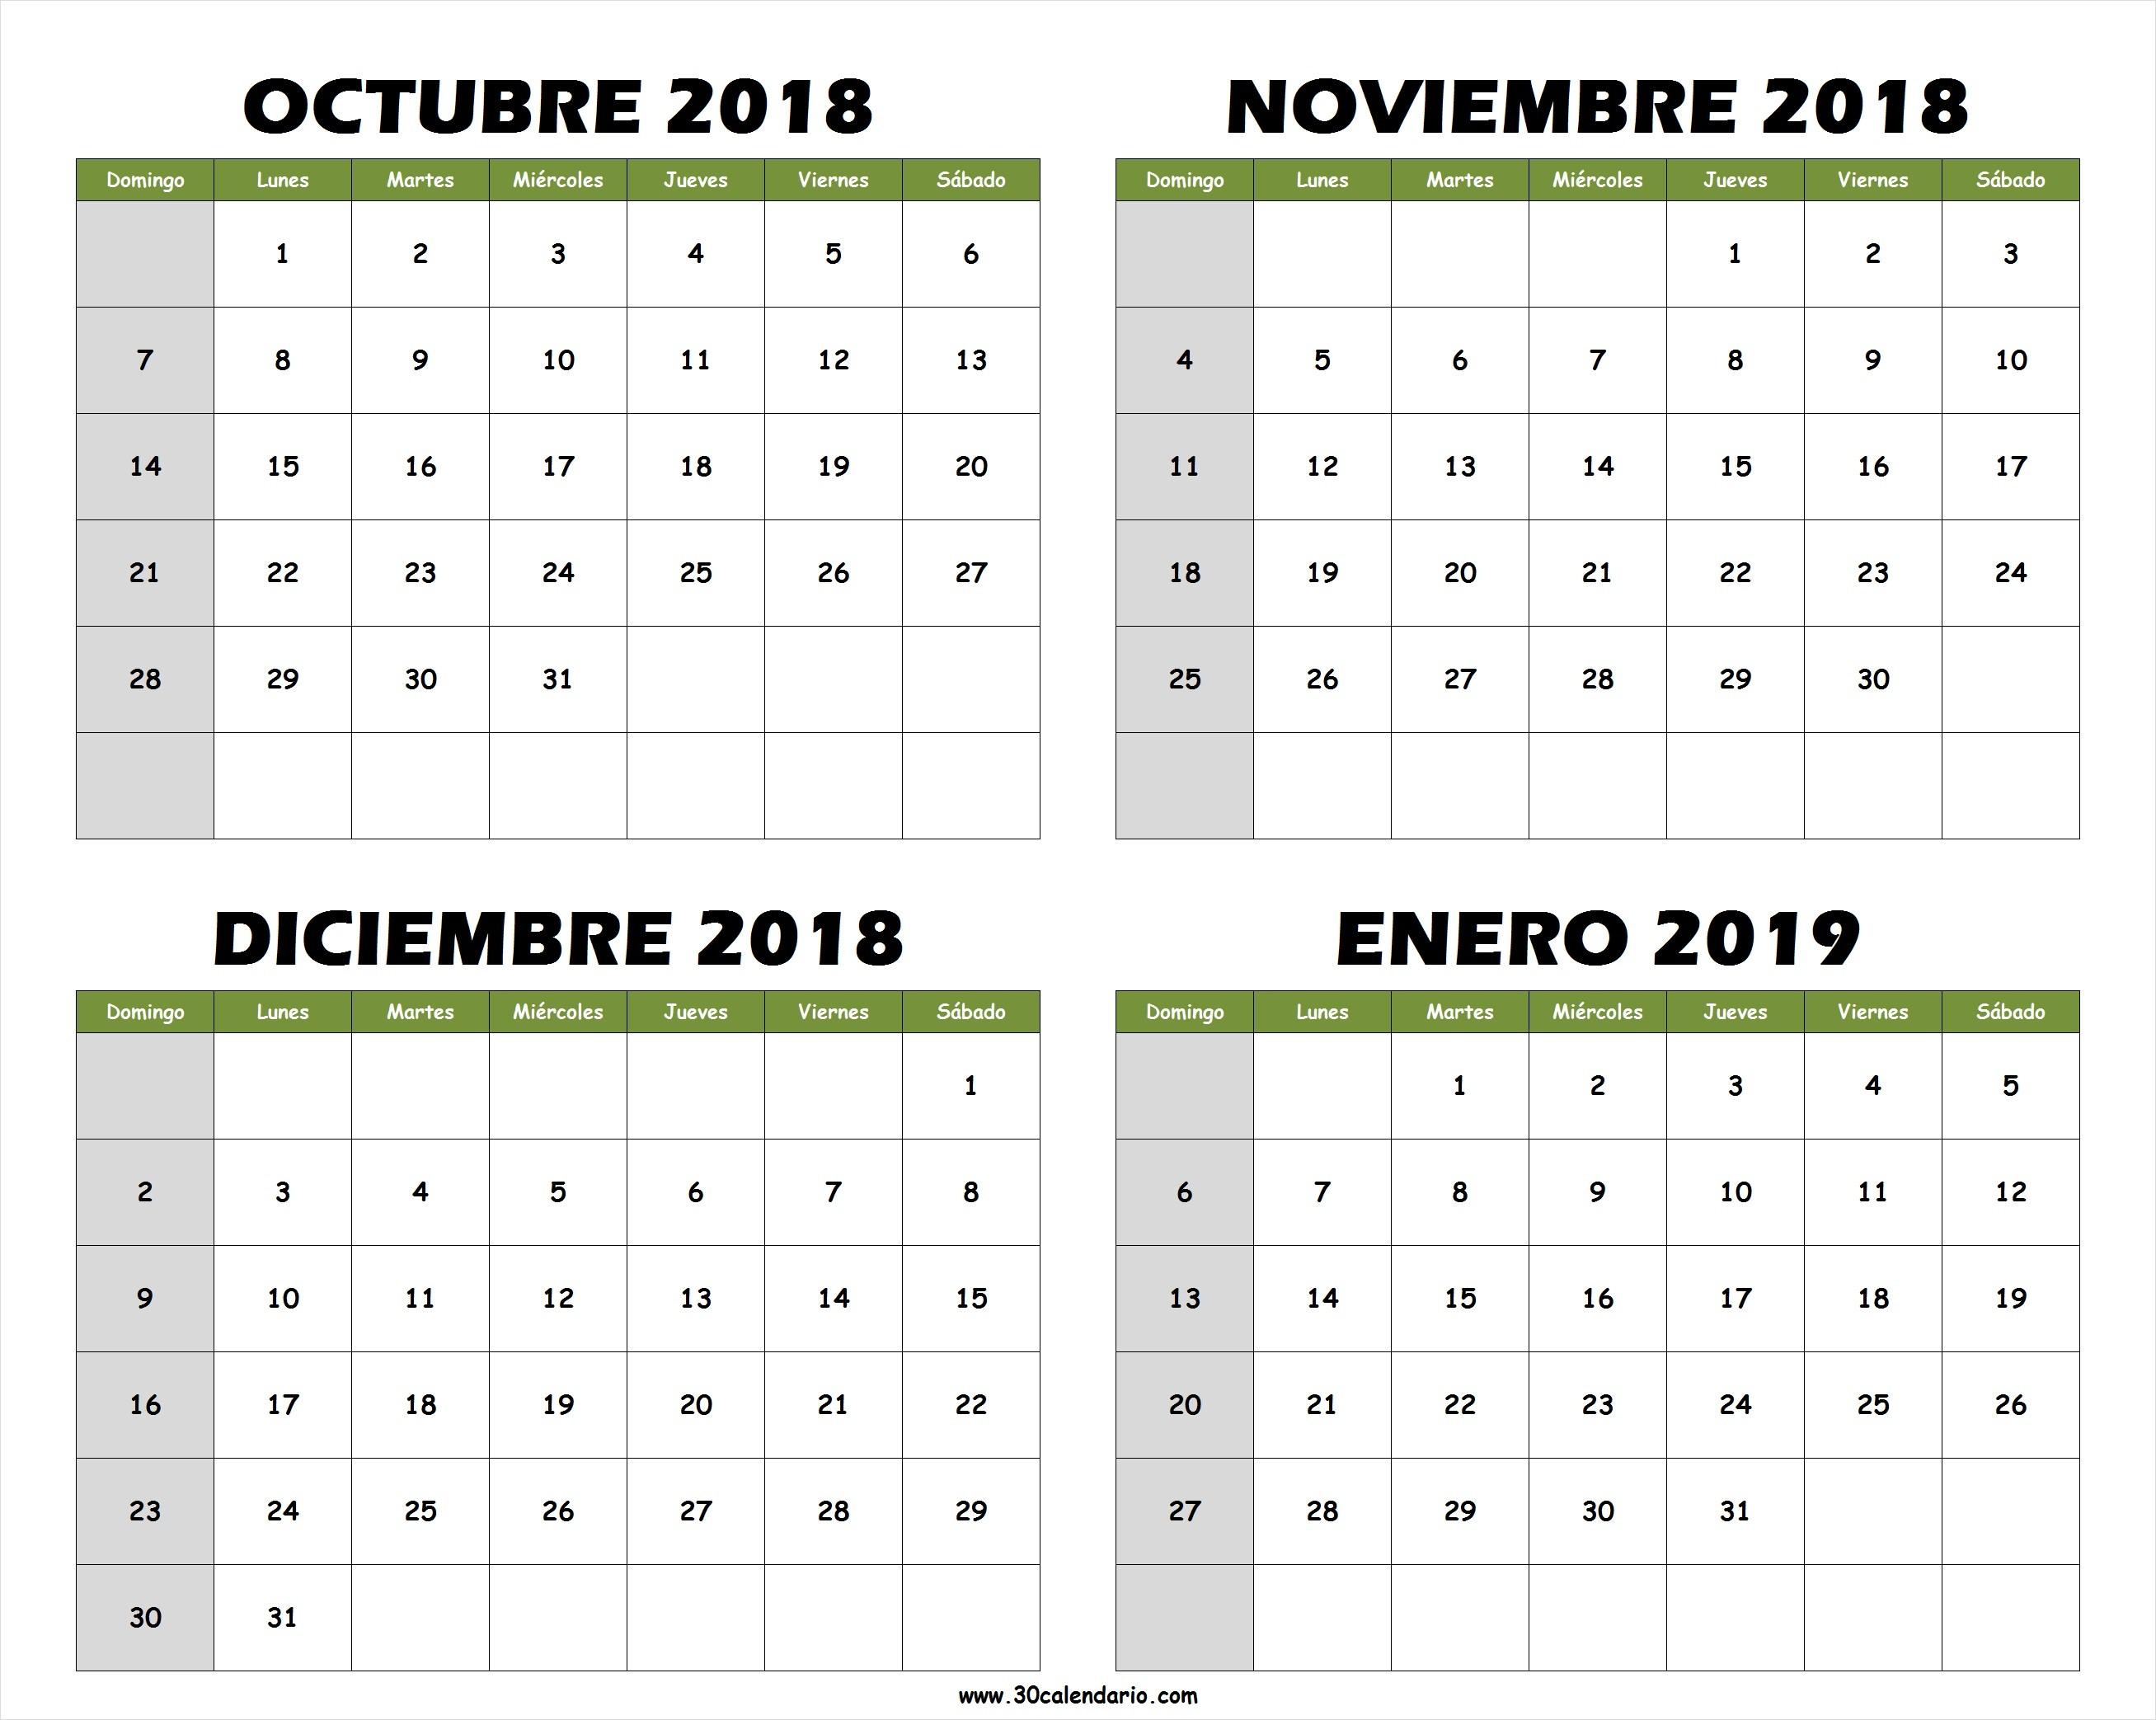 Calendario 2019 Argentina Editable Más Recientes Calendario Octubre 2018 Colombia T Of Calendario 2019 Argentina Editable Más Reciente Informaci³n Make A 2019 Calendar In Excel